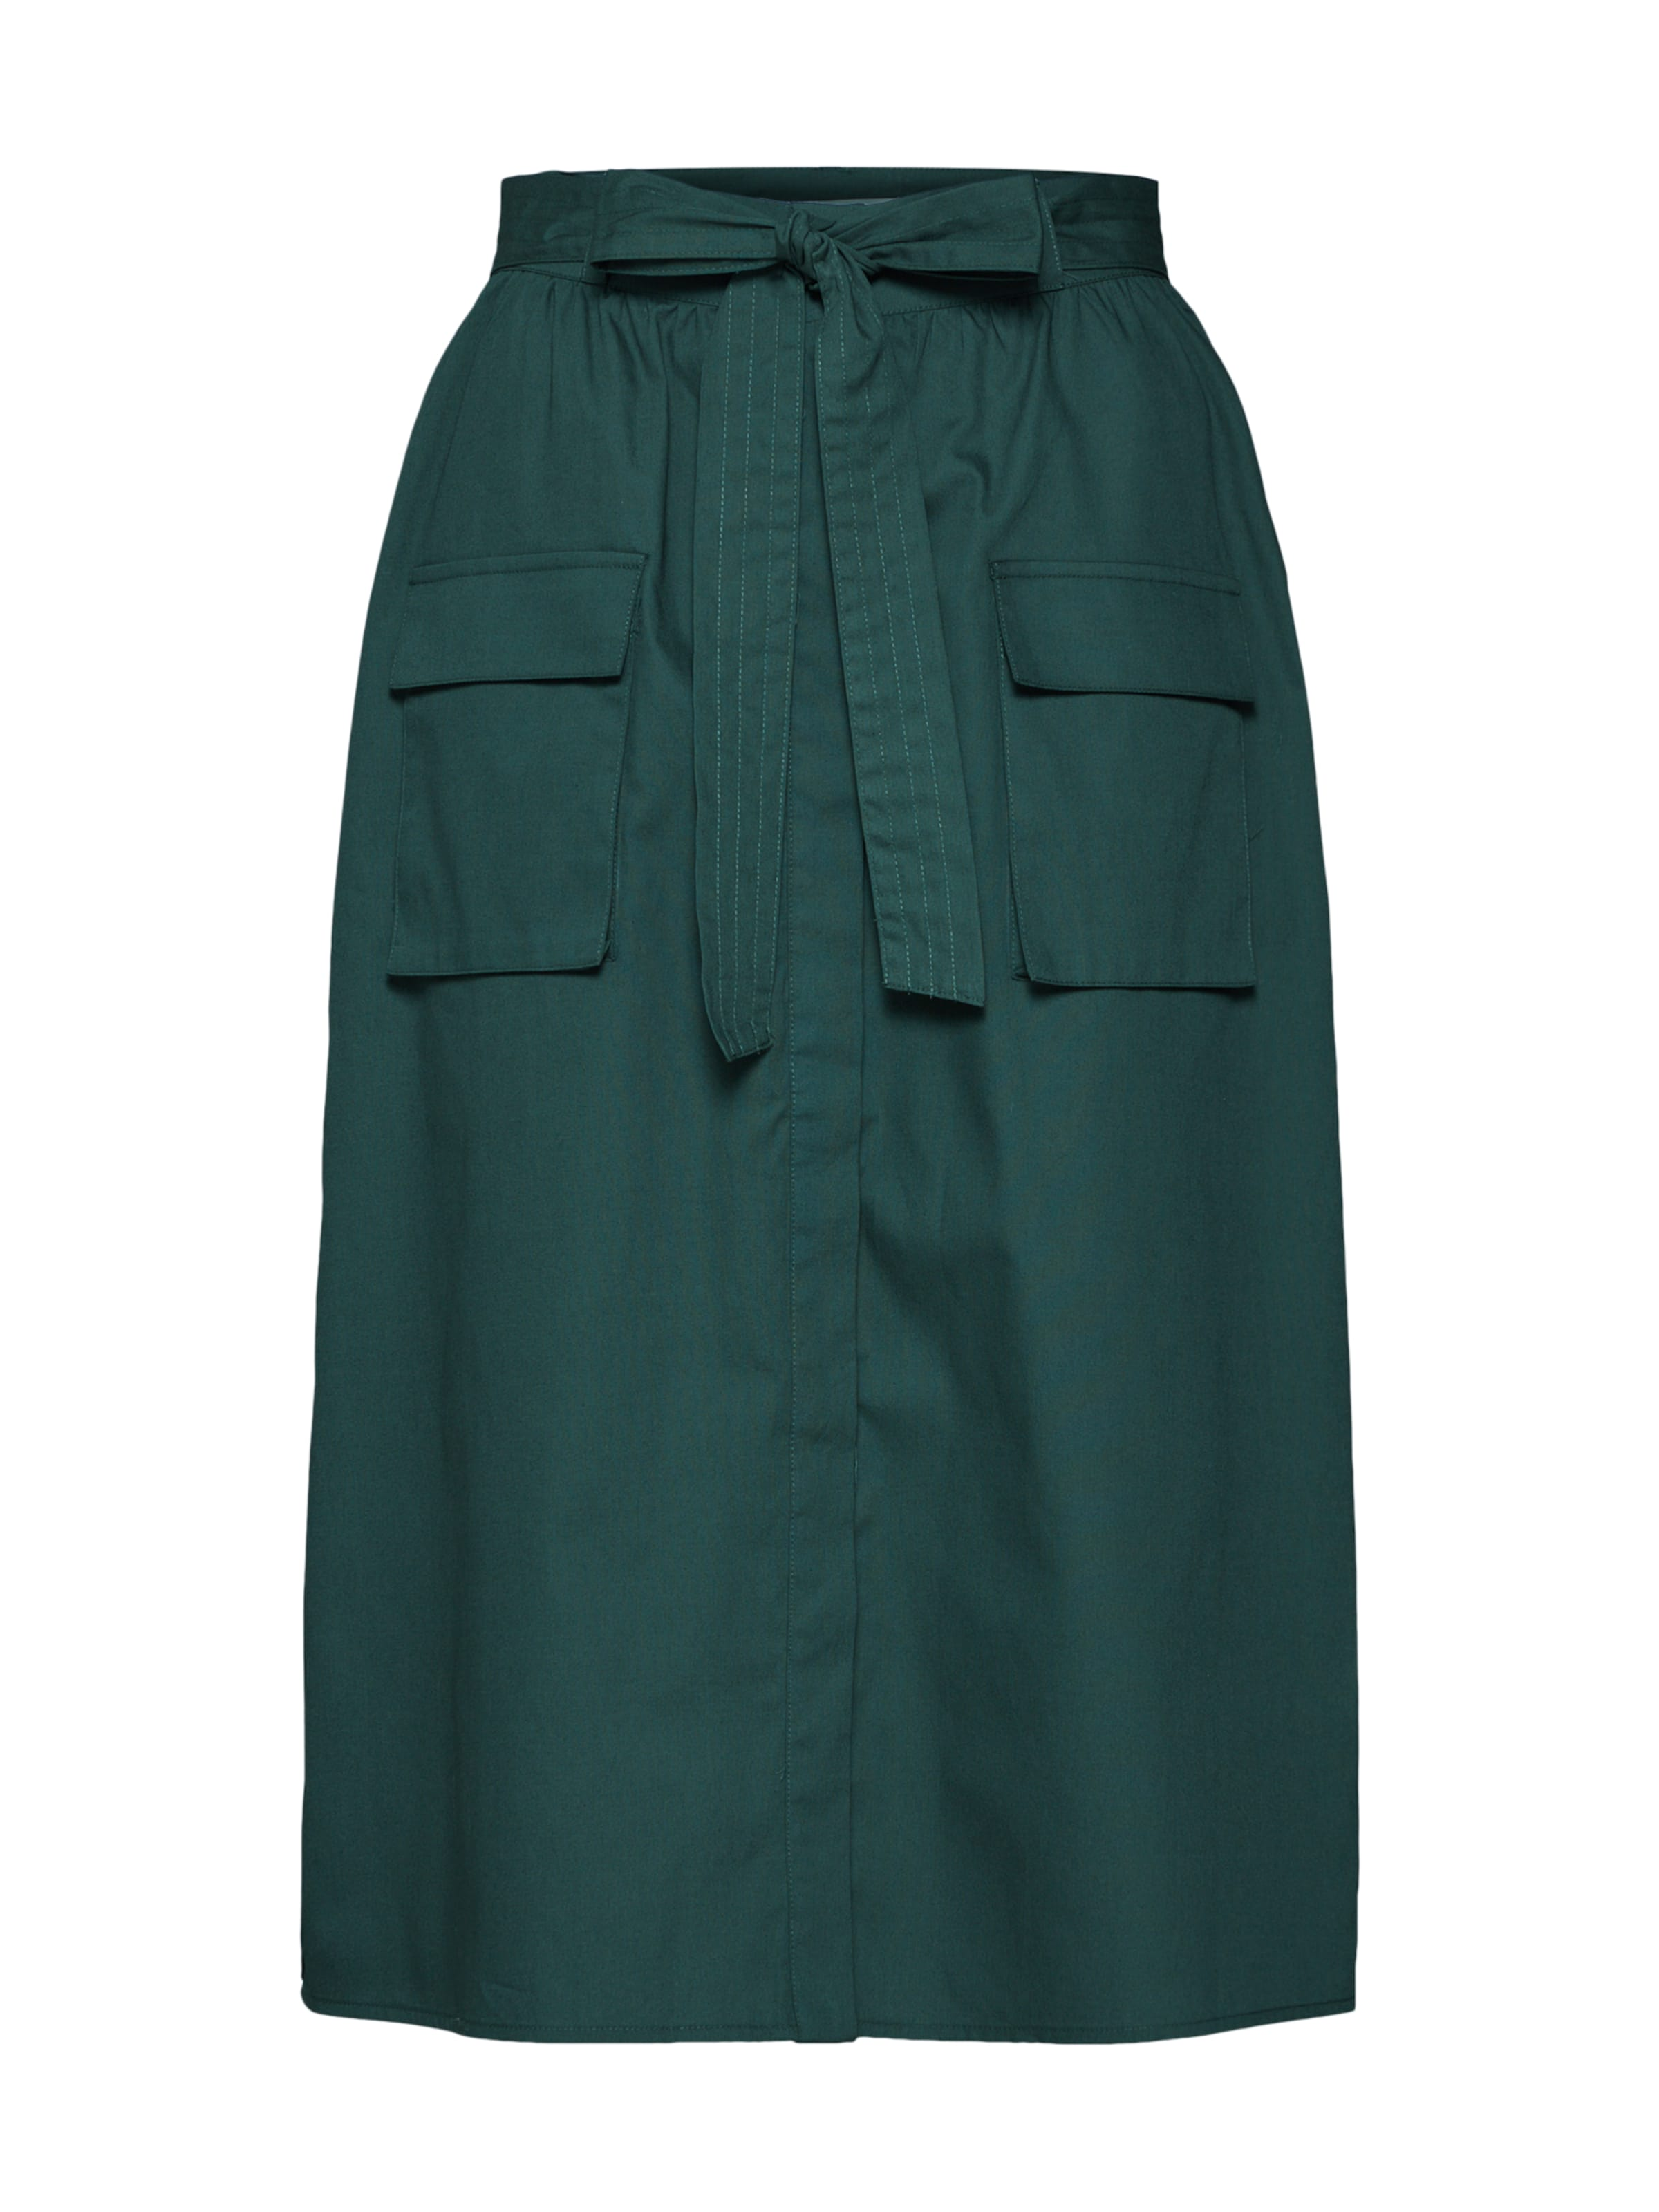 Jupe Vert Midi Hw Skirt' Vila 'vinyala En RjL534qA